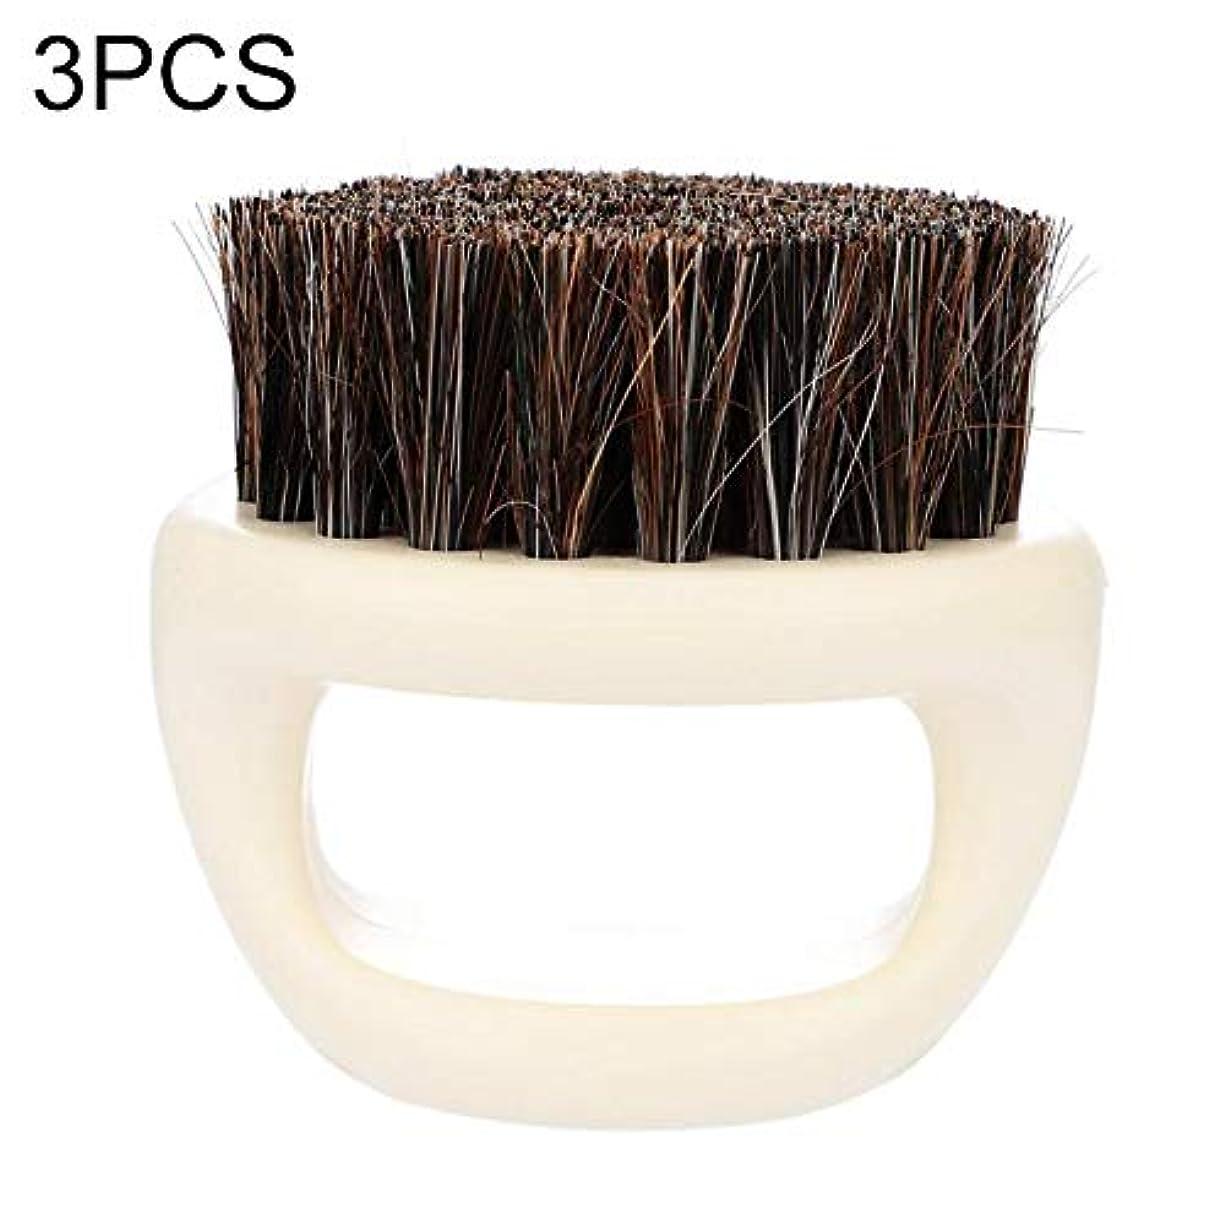 最小化する見かけ上スクランブルWTYD 美容ヘアツール 3 PCSメンズリングデザインポータブルボアブラシホワイトABSヘアカットクリーニングシェービングブラシ (色 : Black)